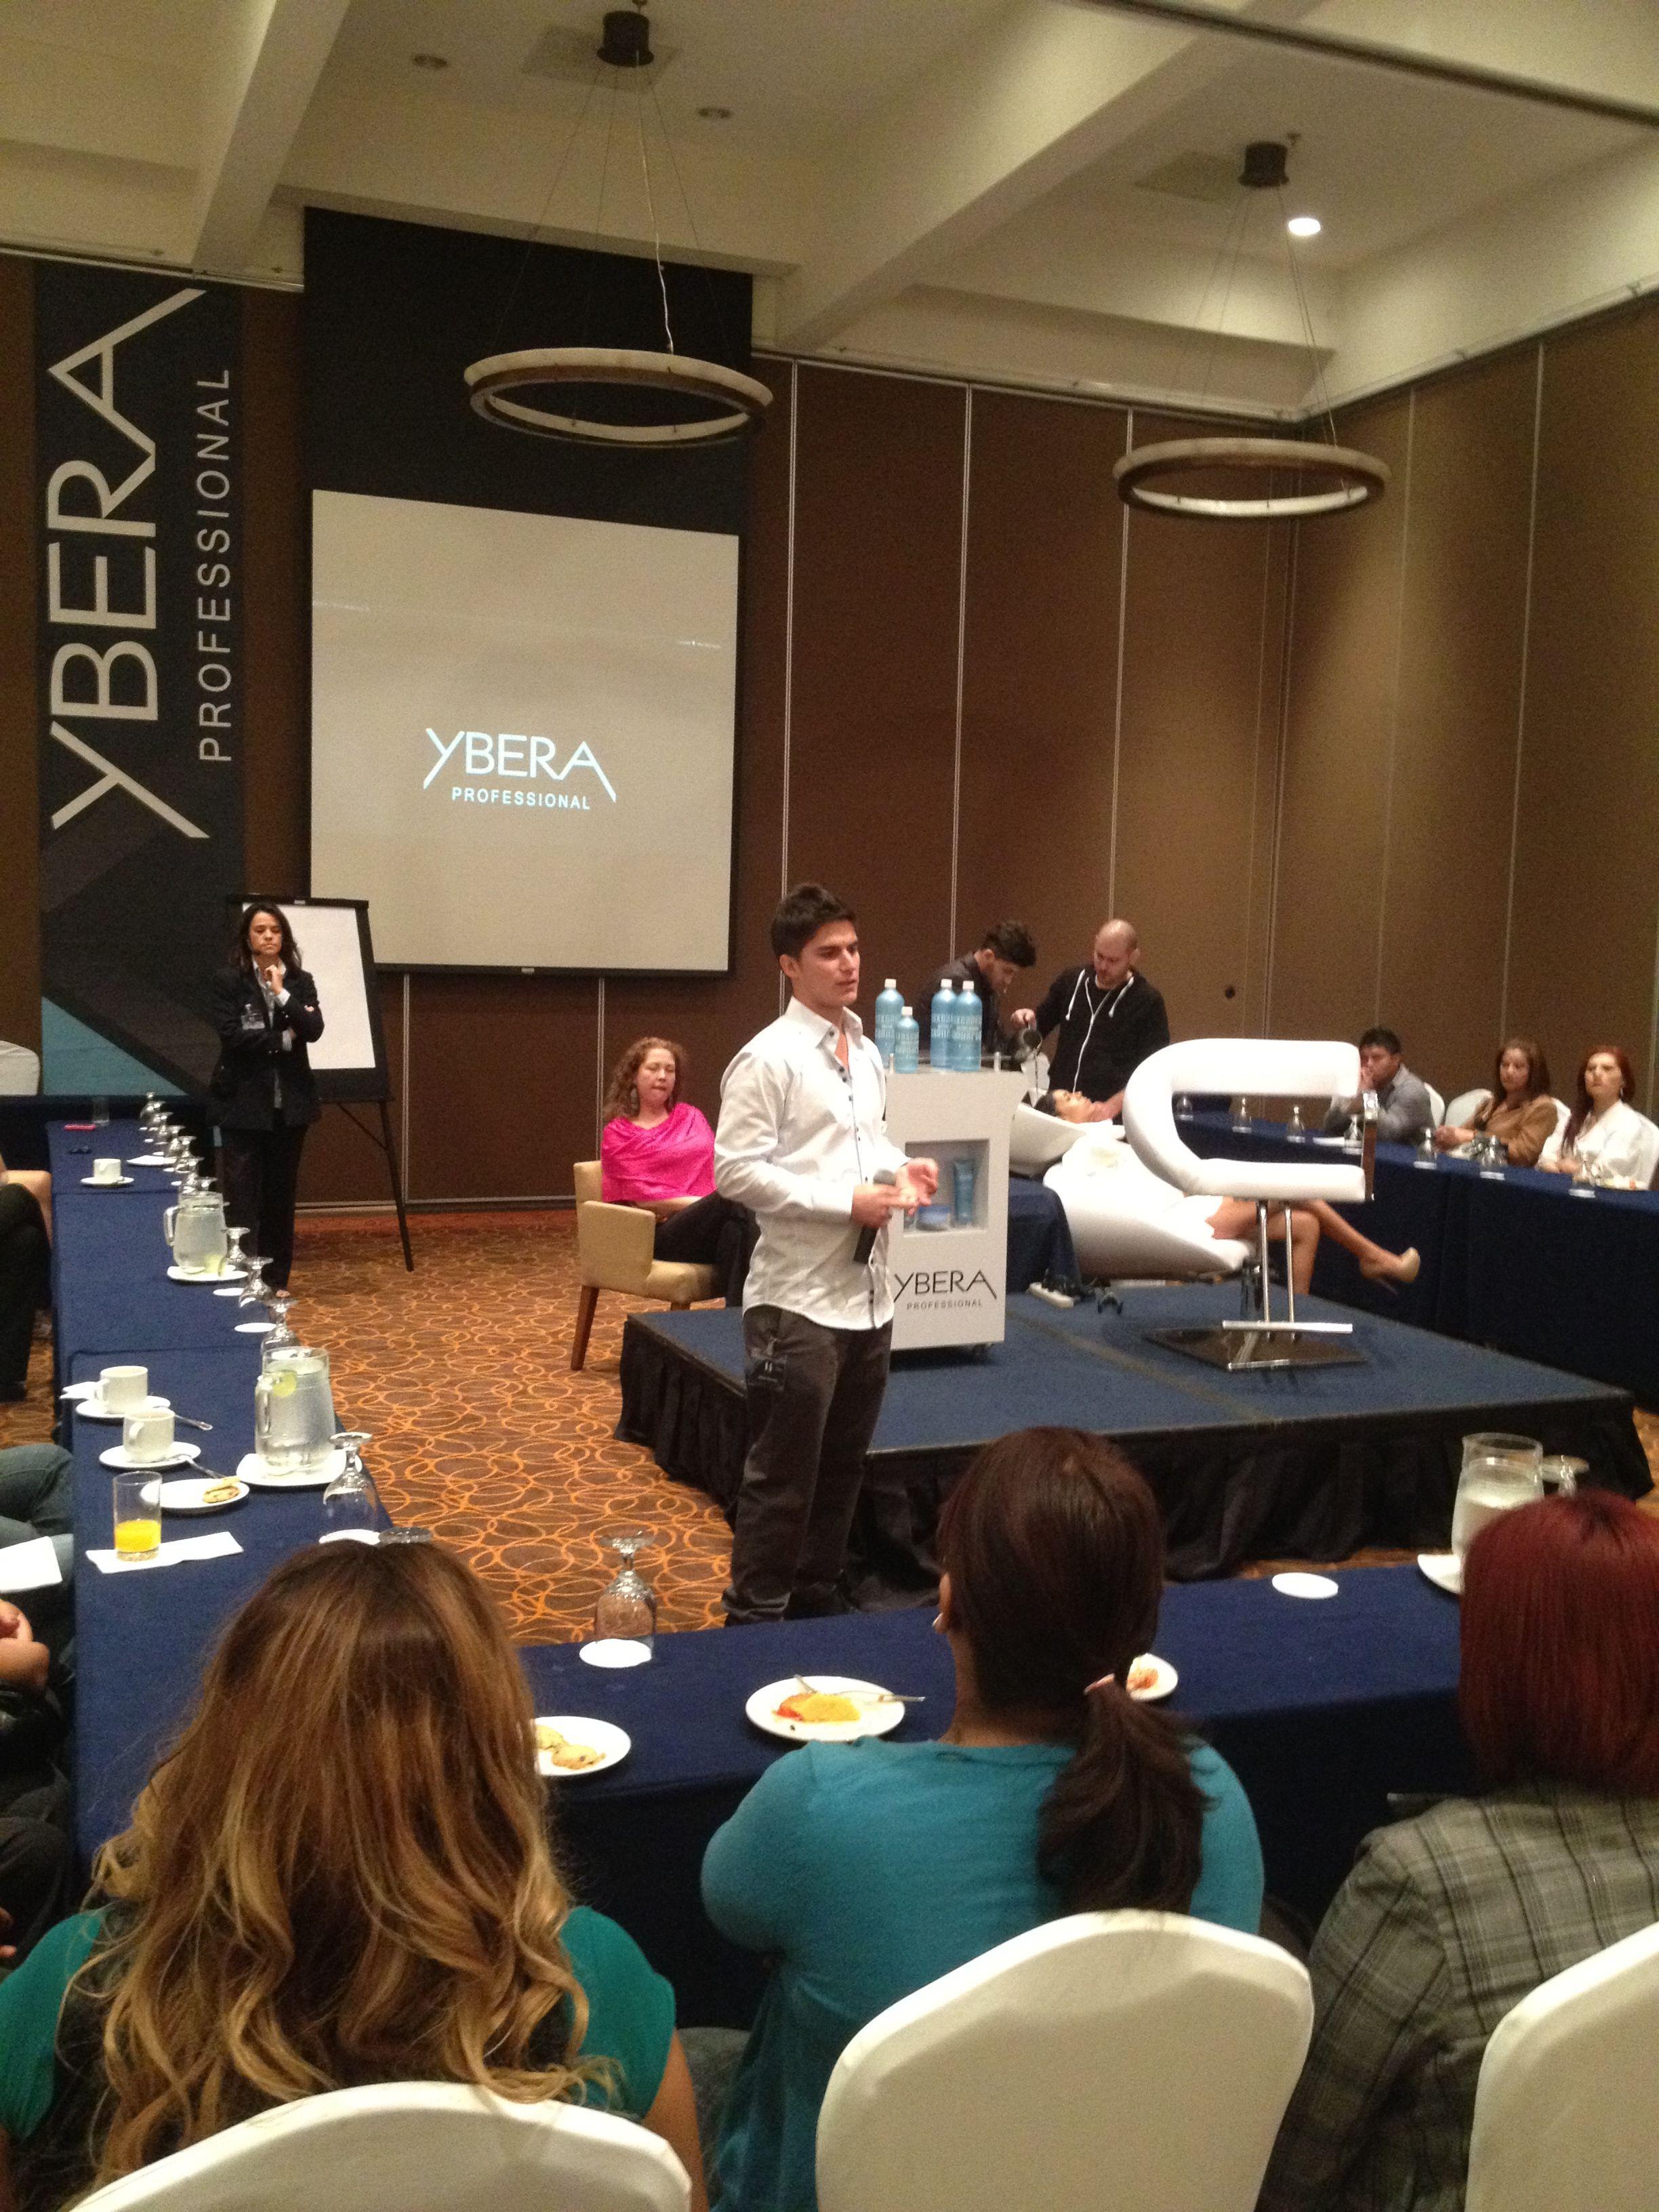 ybera professional, los mejores tratamientos capilares, son brasileños!